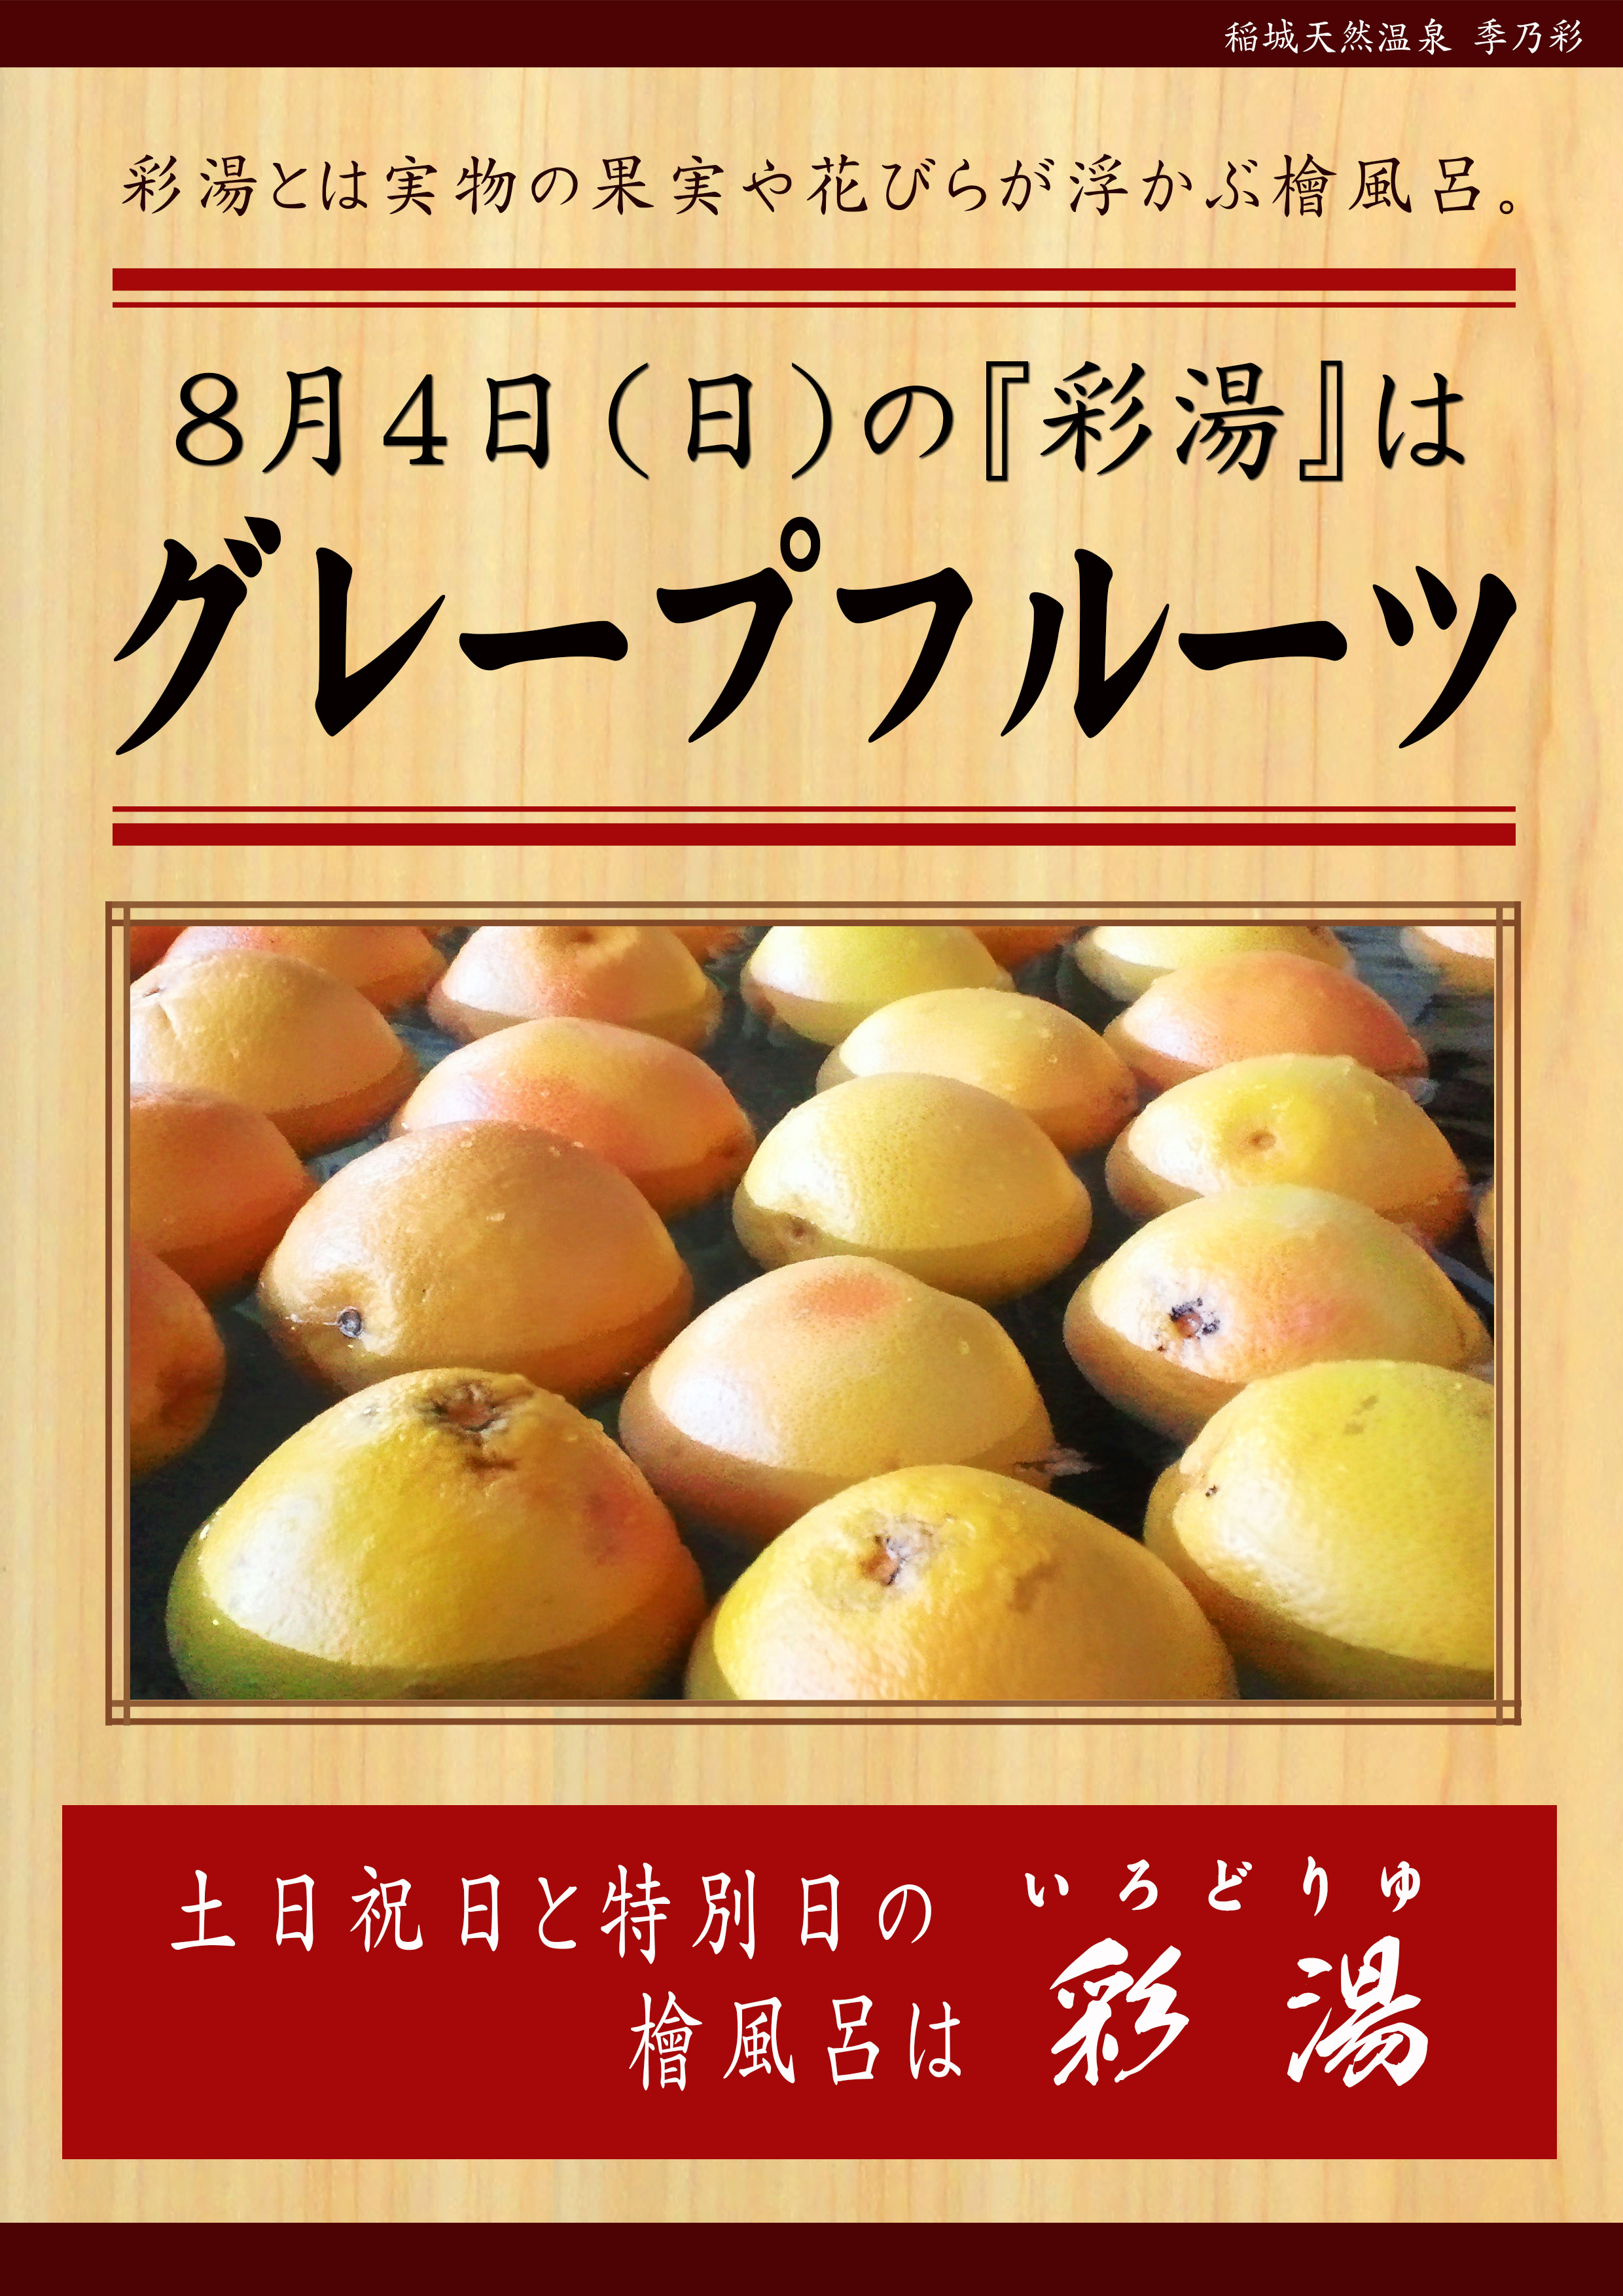 0804 彩湯 グレープフルーツ